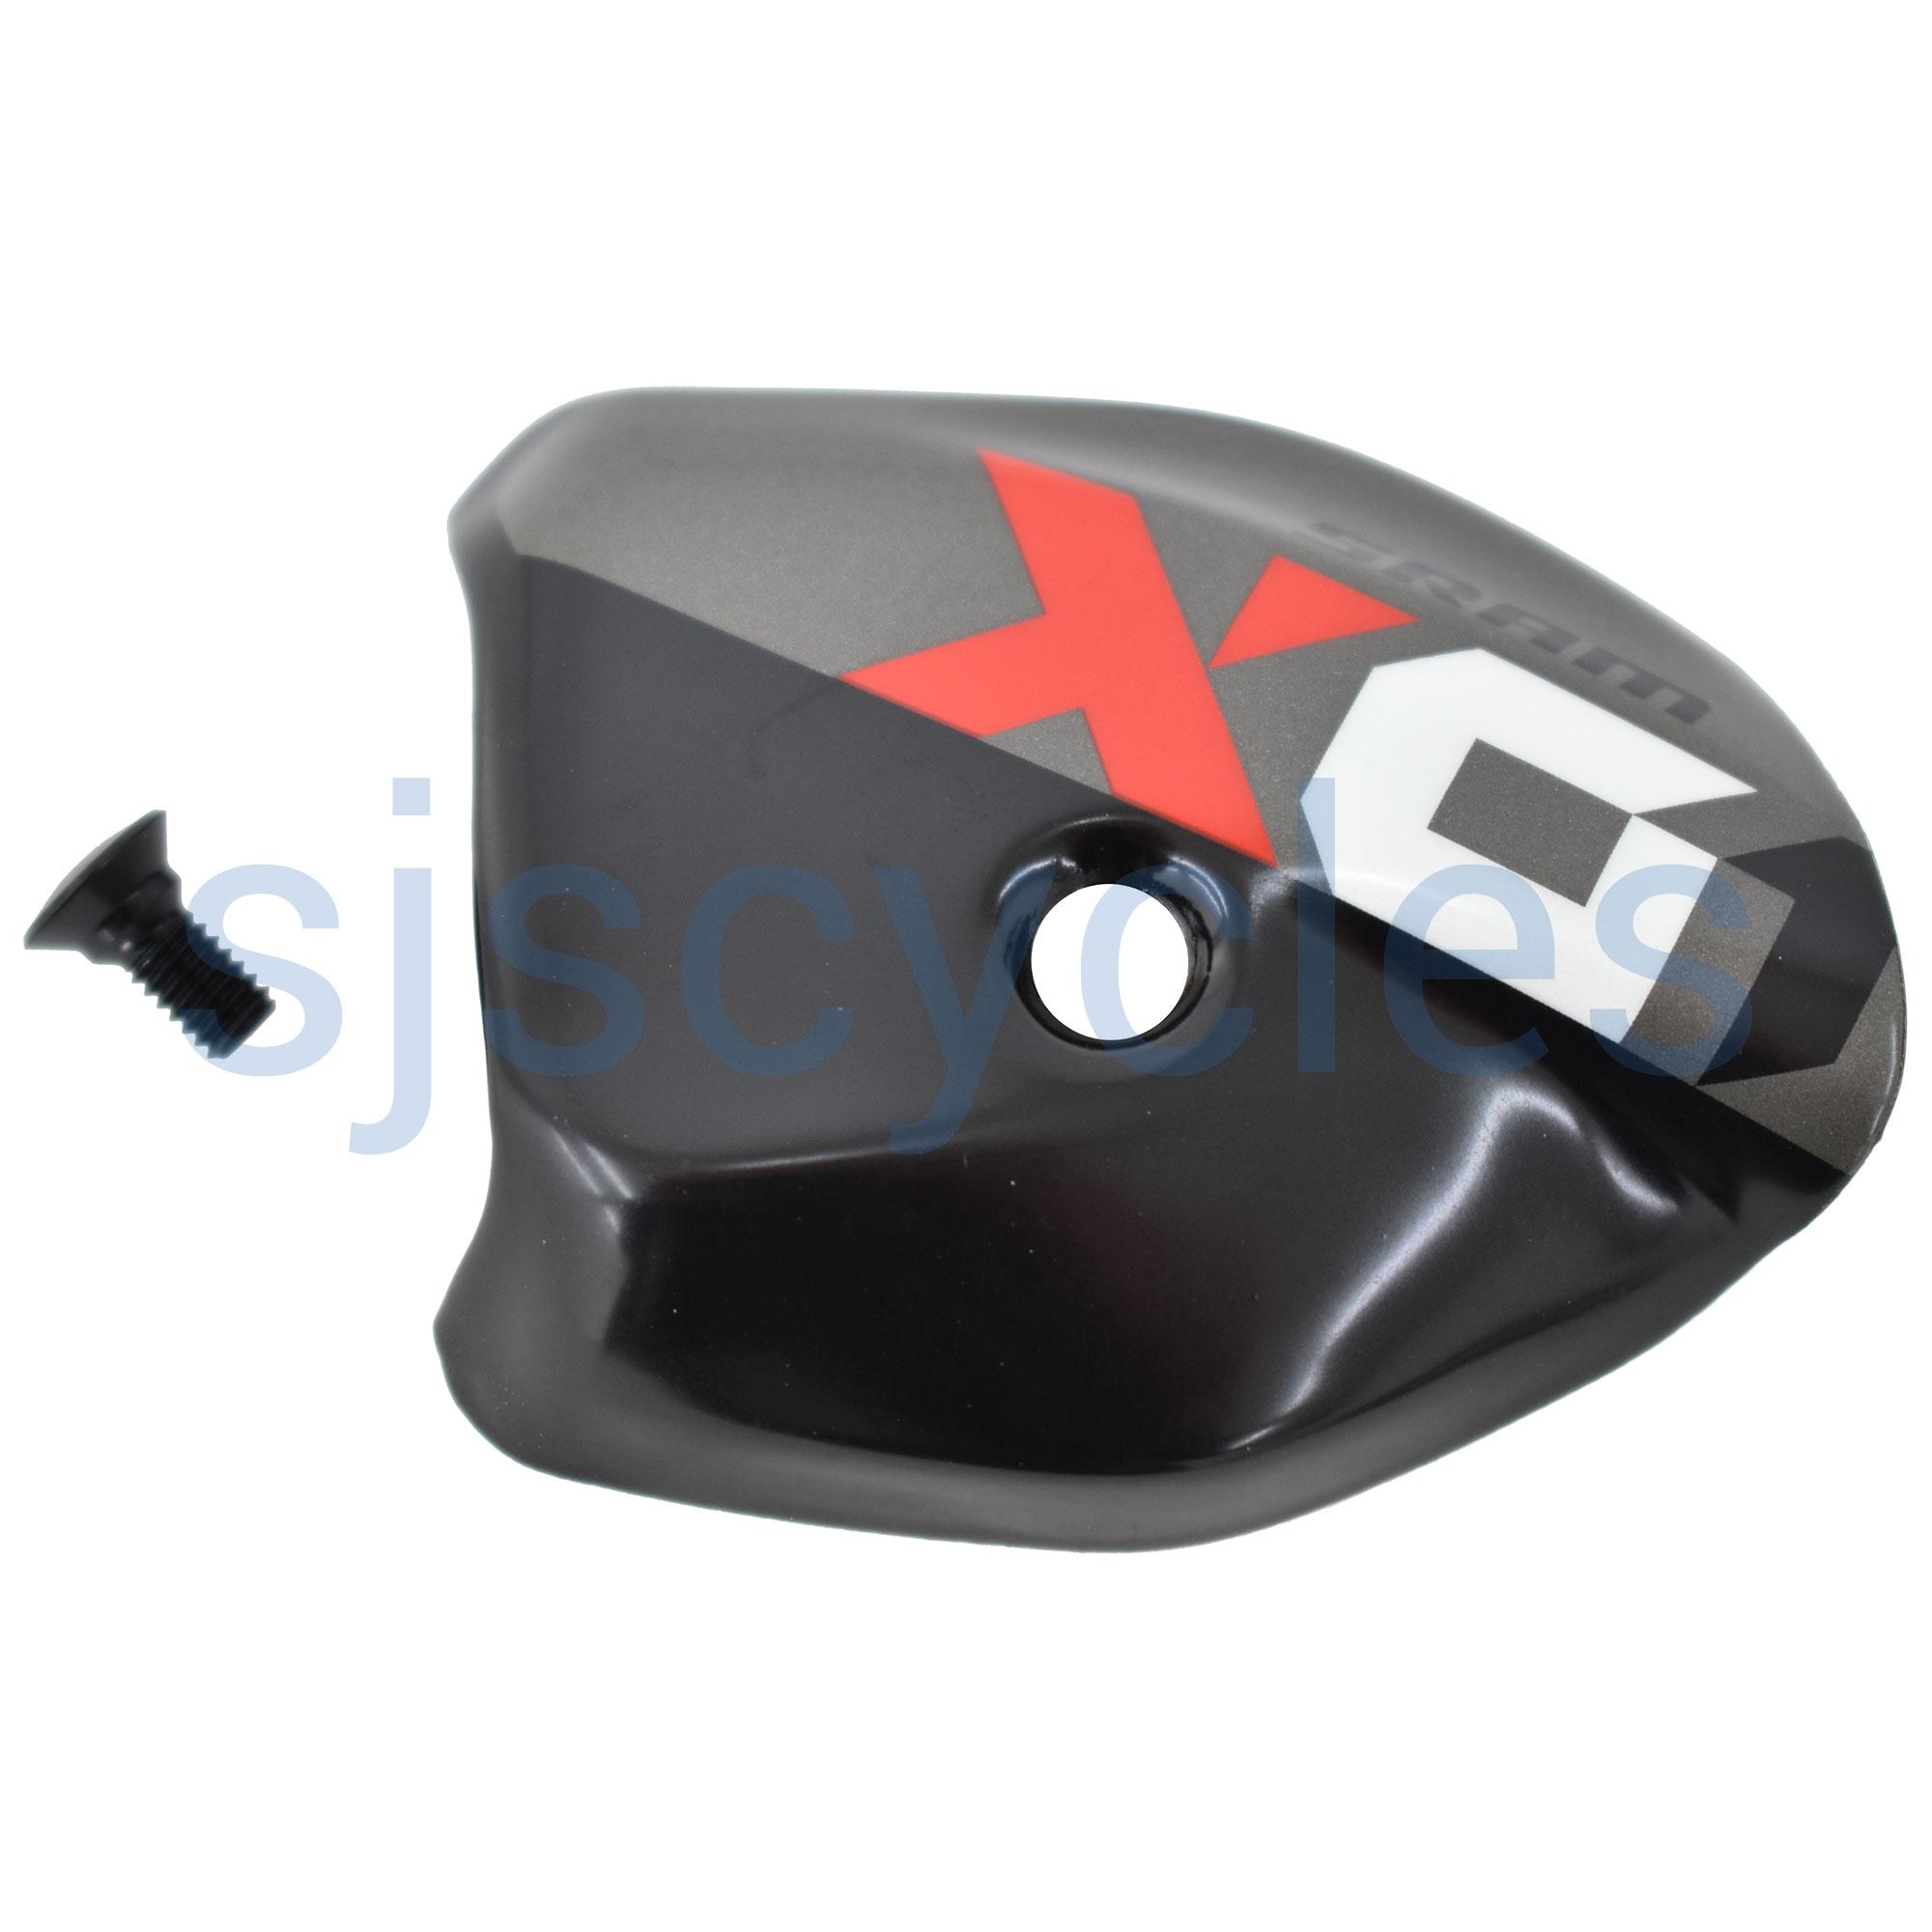 SRAM X01 Eagle Trigger Shifter